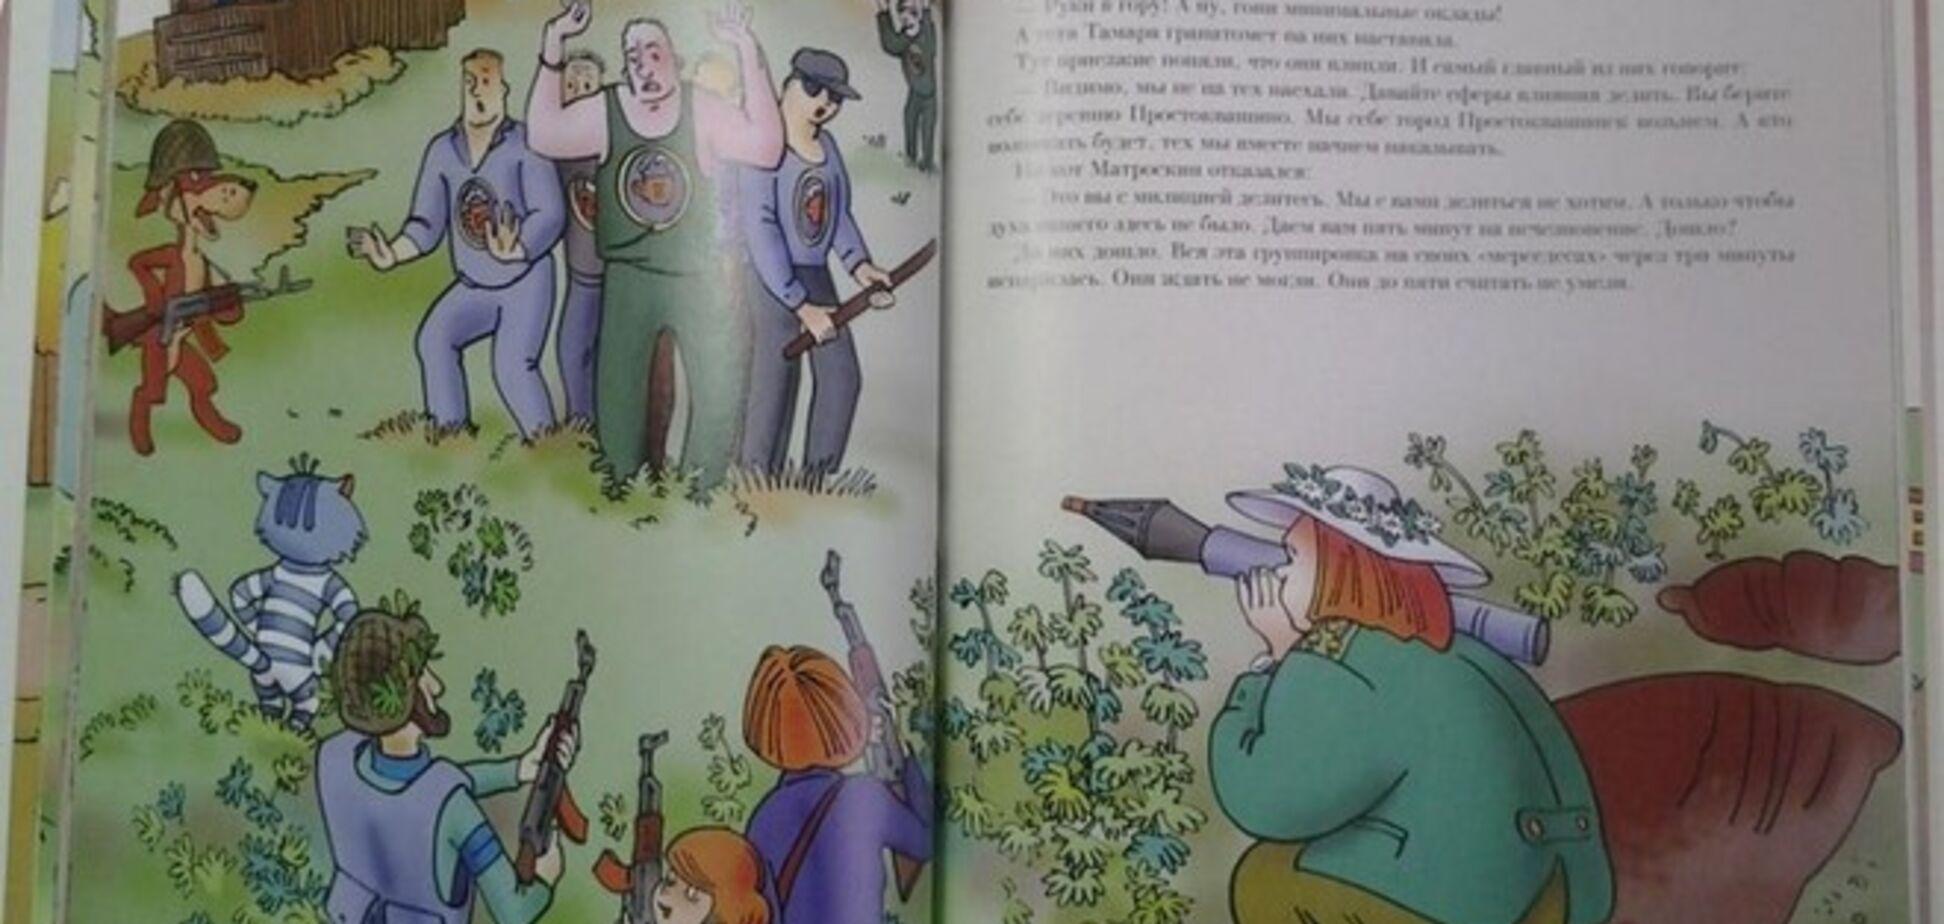 'Народная республика Простоквашино': в России сказками для детей воспитывают будущих террористов